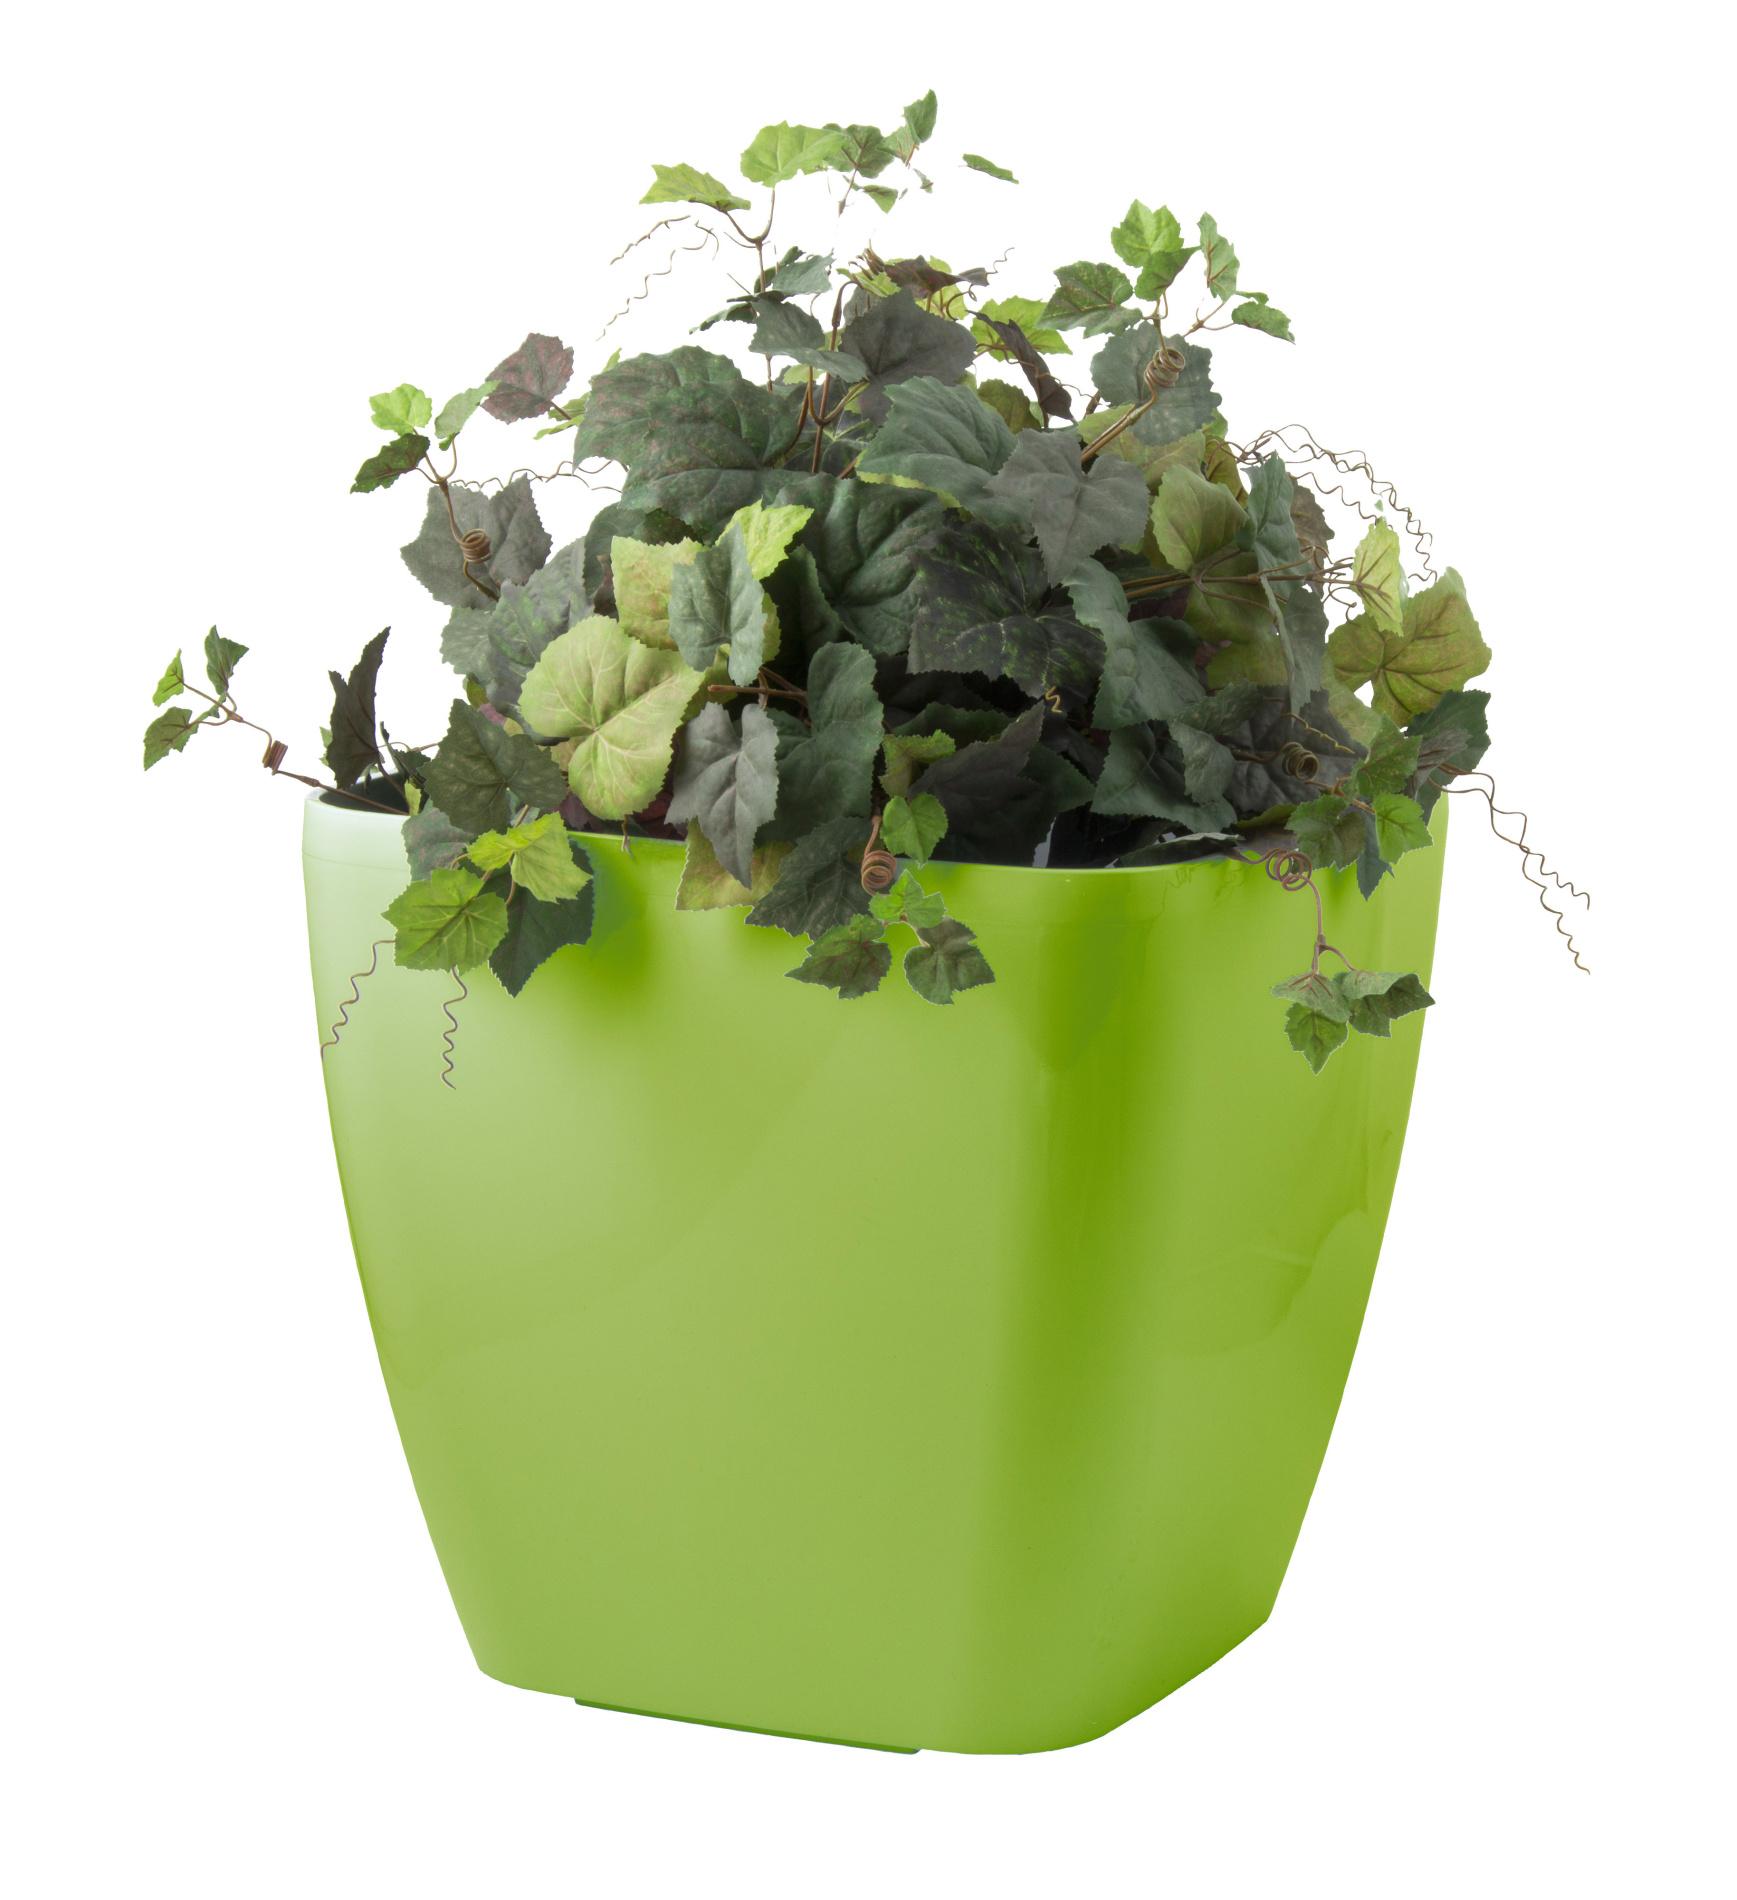 Samozavlažovací květináč G21 Cube maxi zelený 45 cm